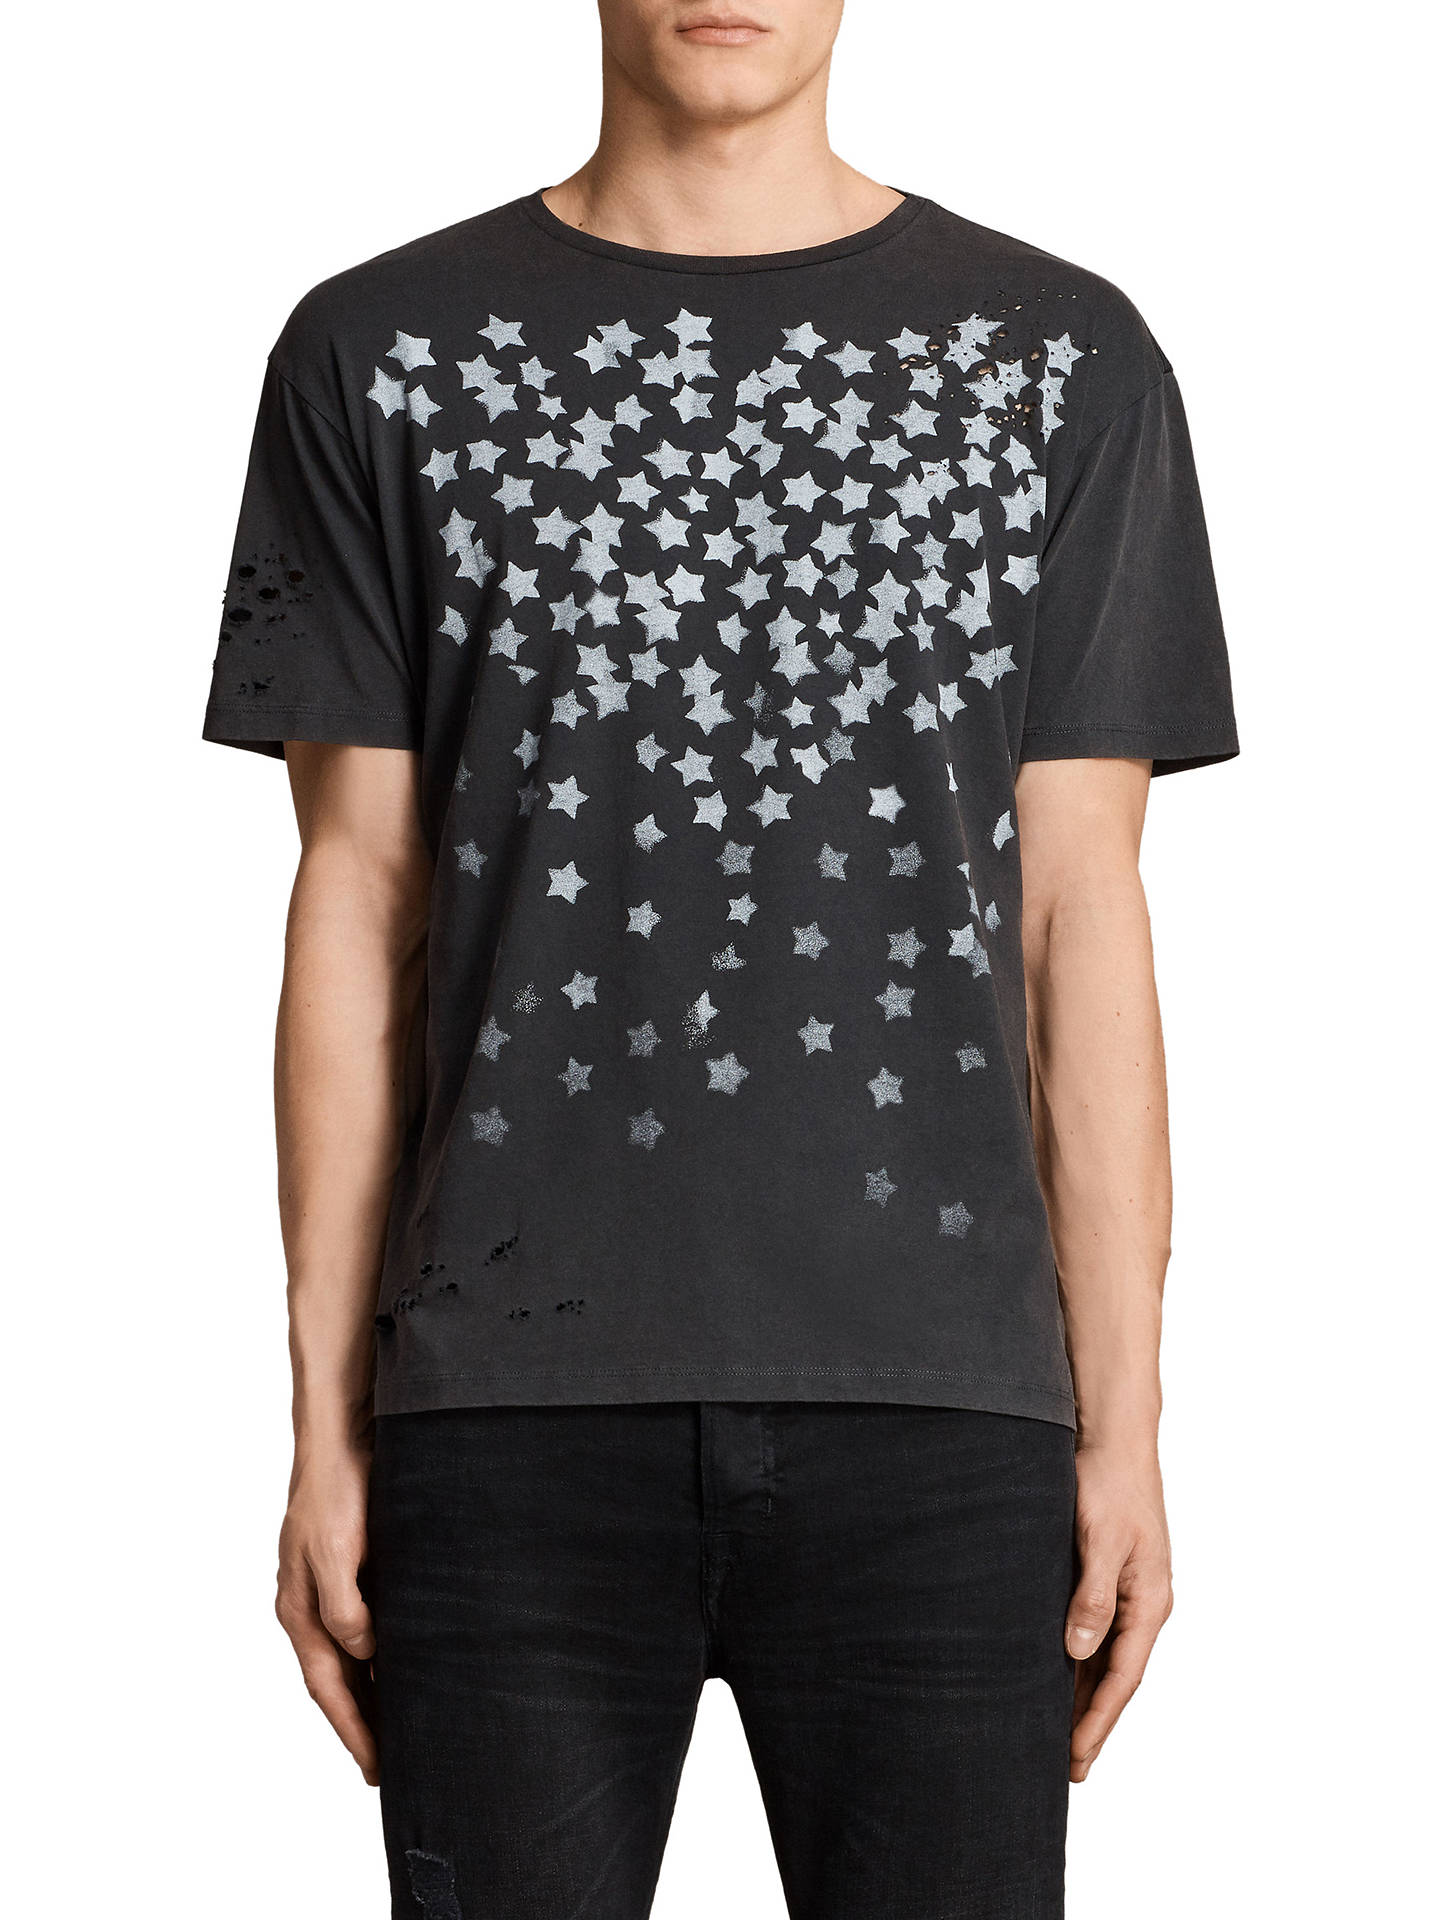 AllSaints Sirius Stencil Star Print T Shirt at John Lewis